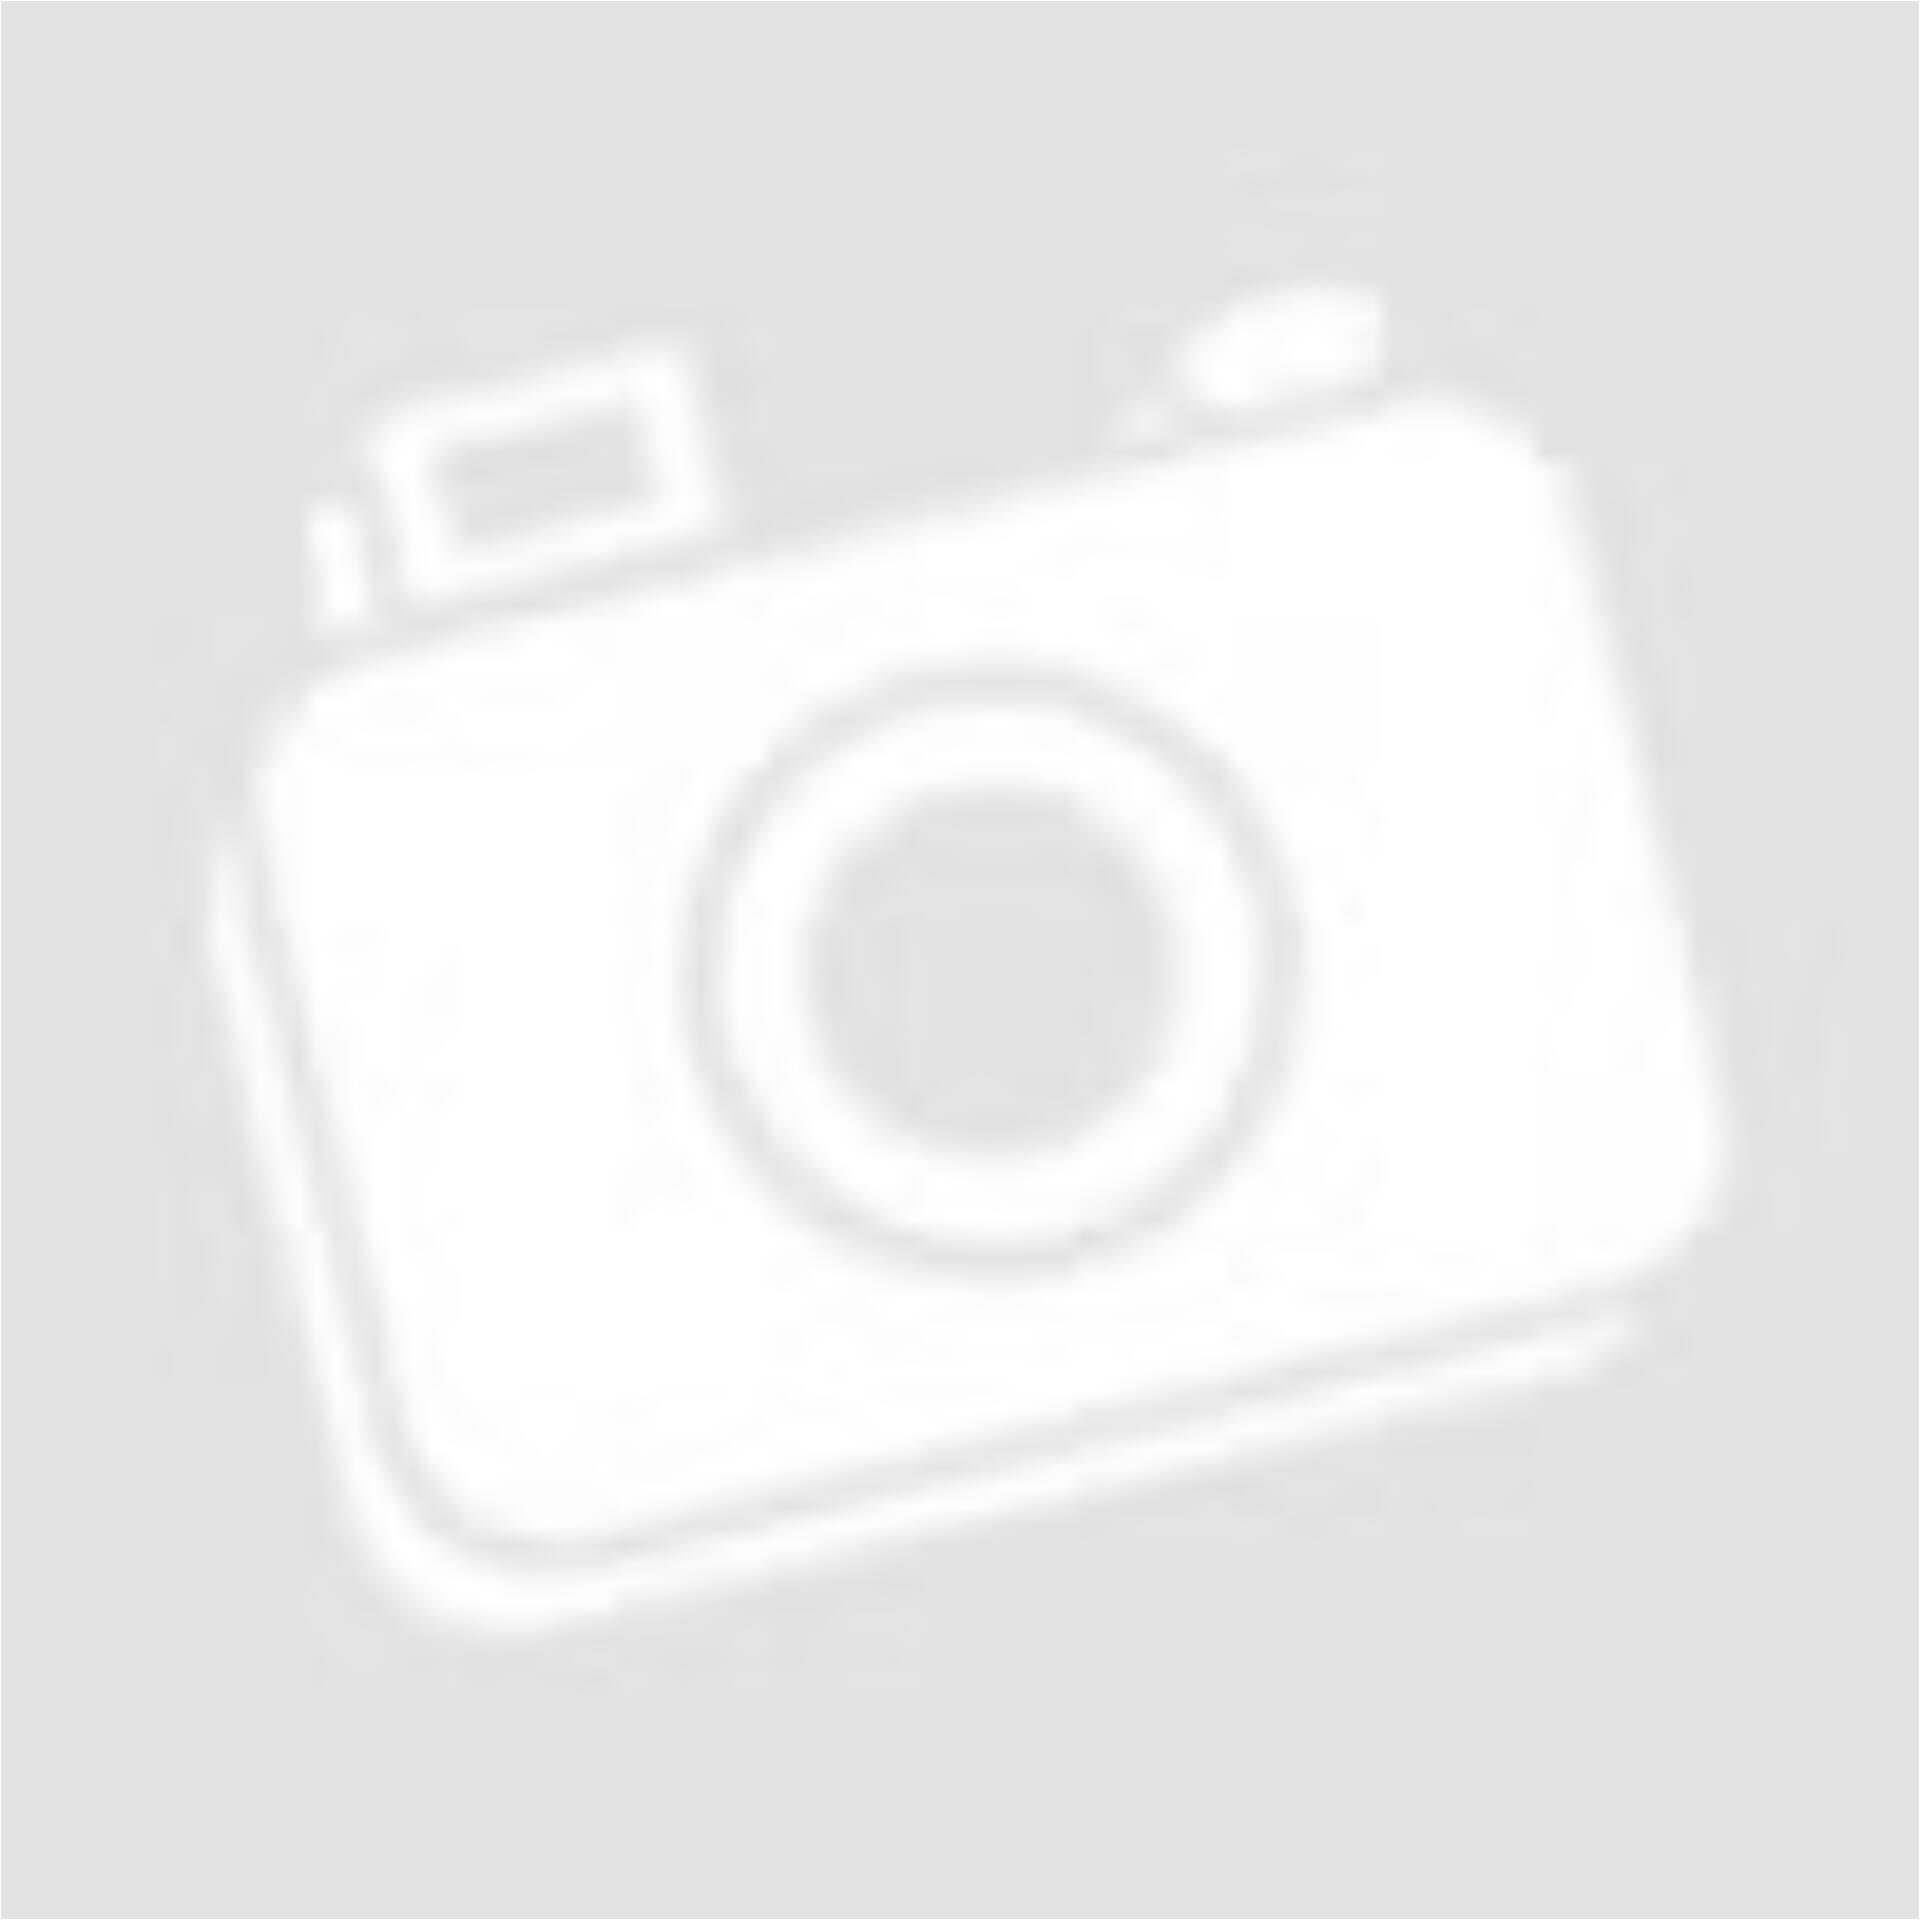 a5e6414373 BLIND DATE barna színű átmeneti kabát (Méret: L) - Női dzseki, kabát ...